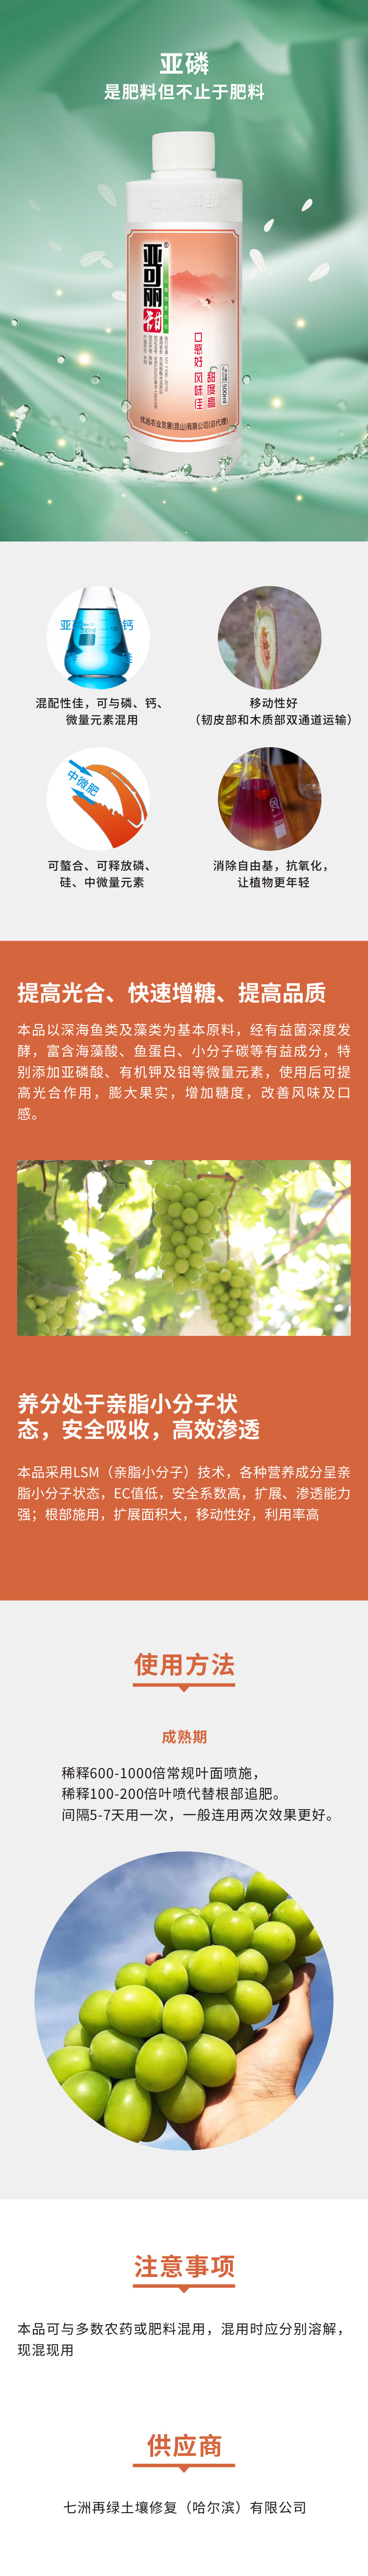 亚磷甜详情页-8.jpg